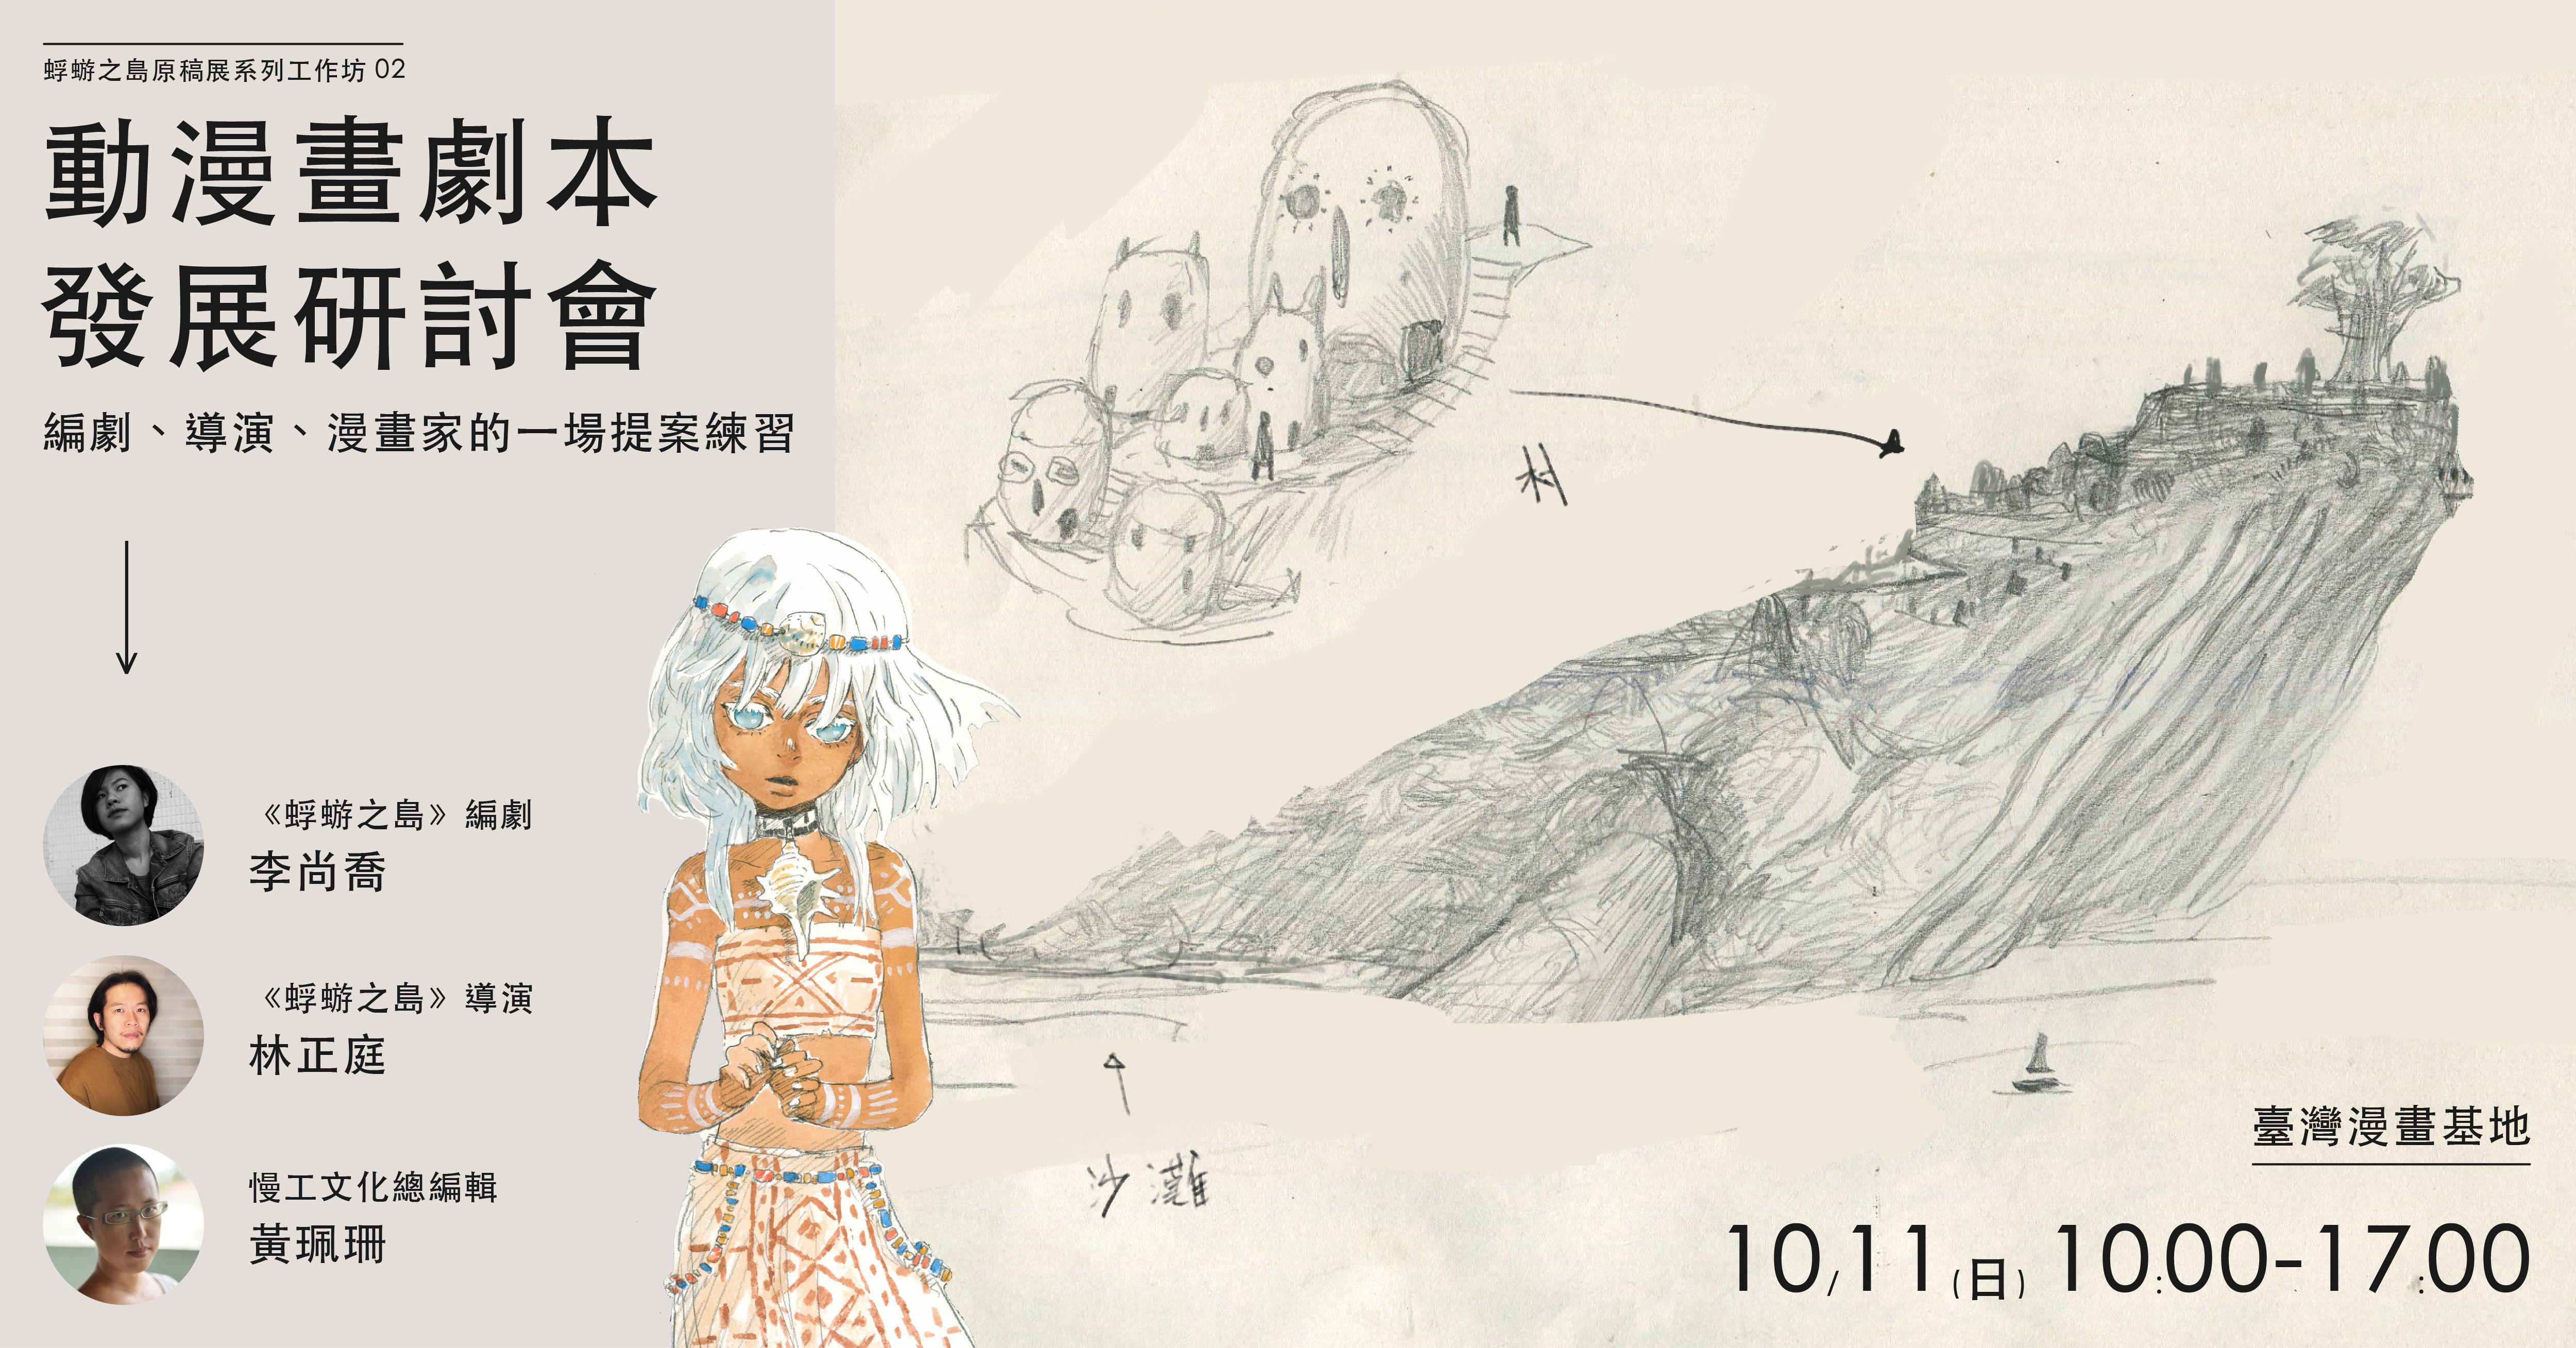 《蜉蝣之島》原稿展系列工作坊2——動漫畫劇本發展研討會